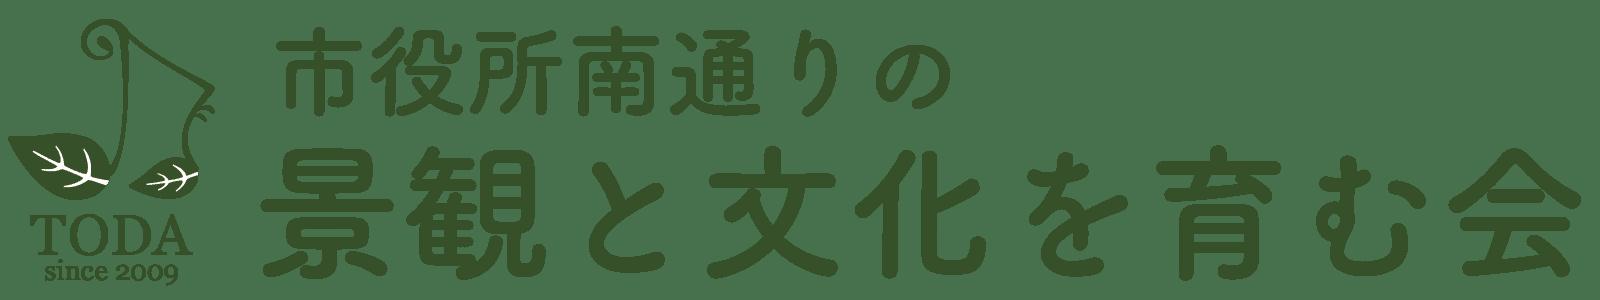 戸田市・市役所南通りの景観と文化を育む会